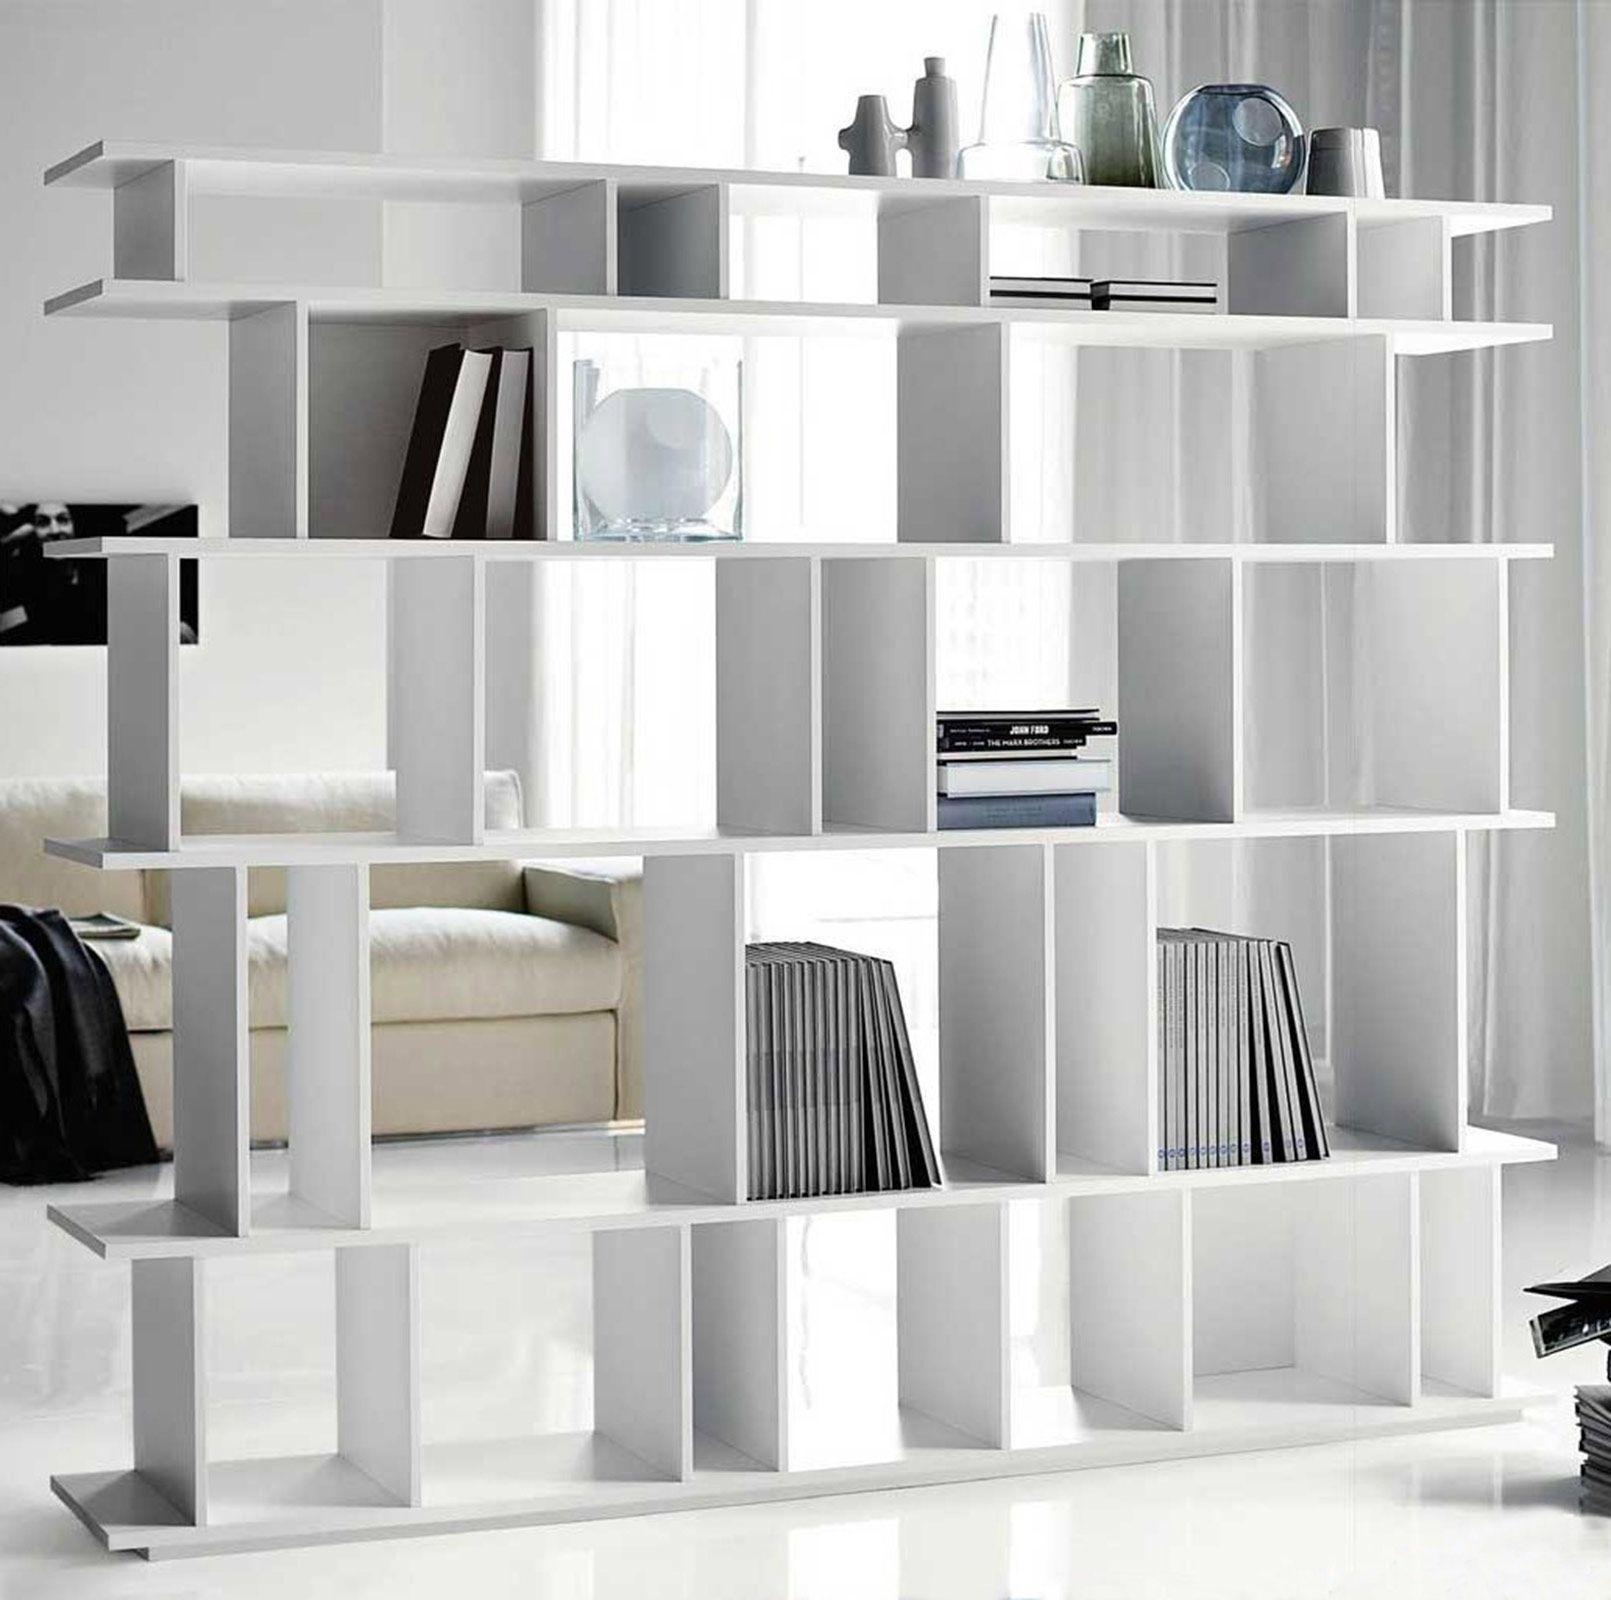 Librerie bifacciali per separare ambienti | Decoración